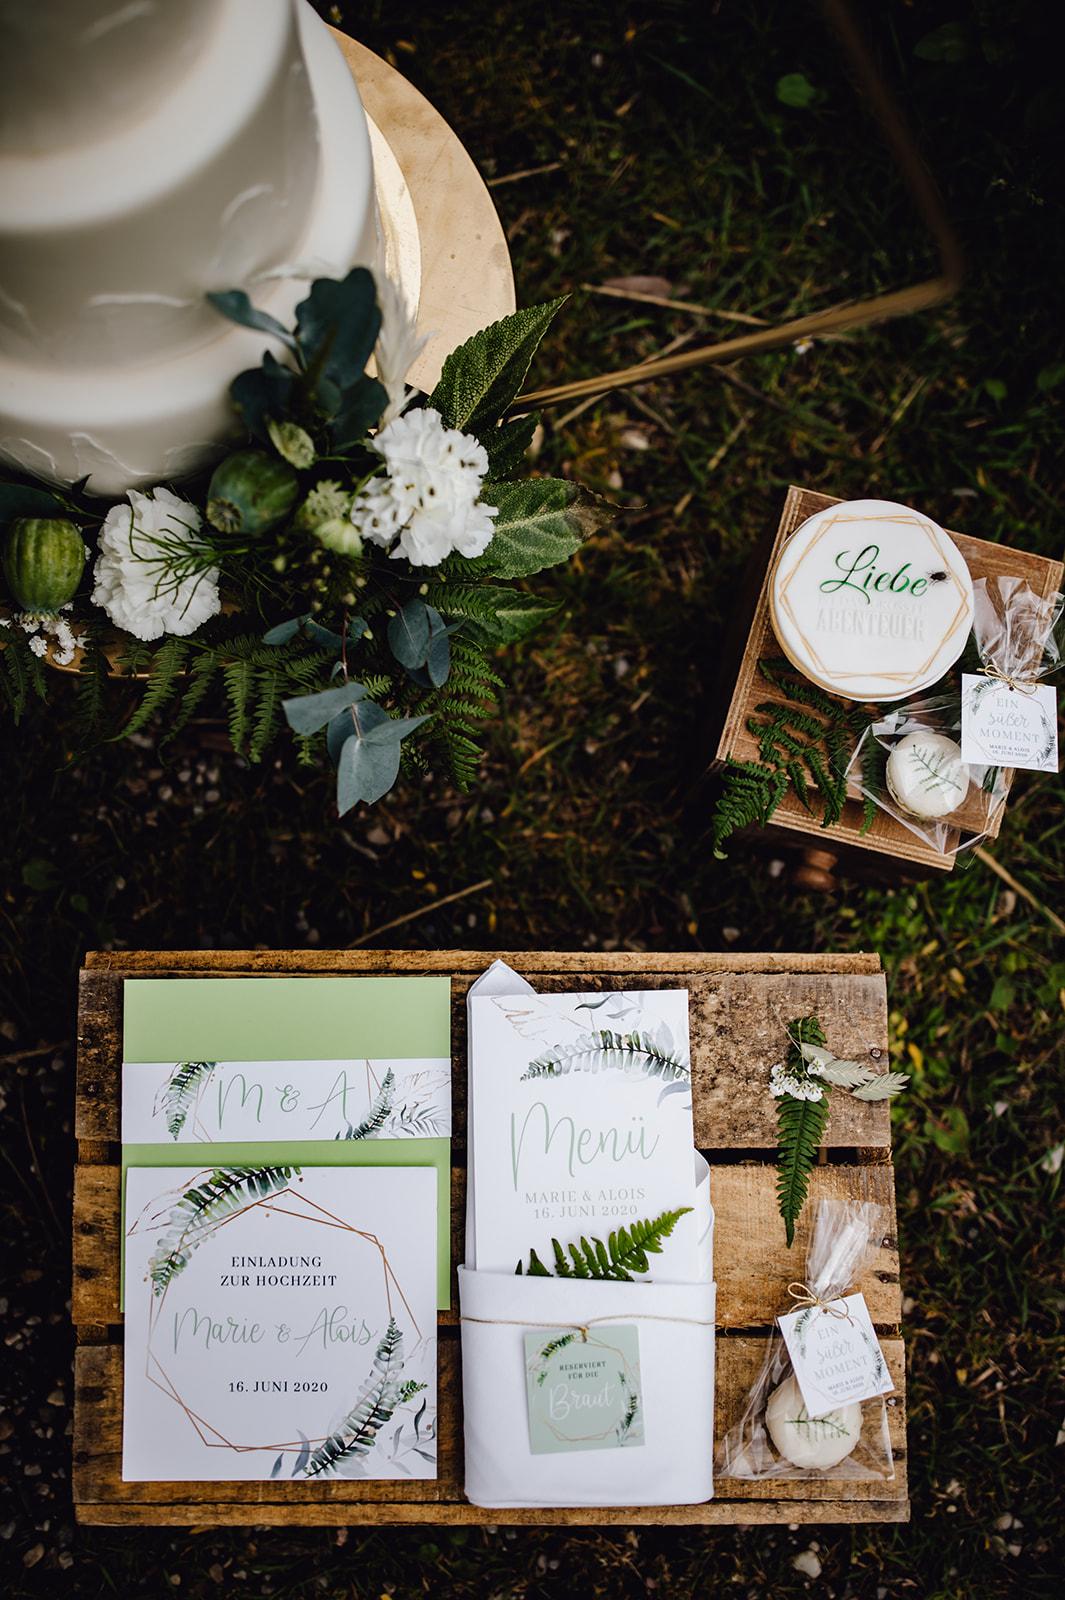 HeimArt Design Papeterie Chiemsee Hochzeit Greenery Wedding Gastgeschenke Papeterie Zuckeralm